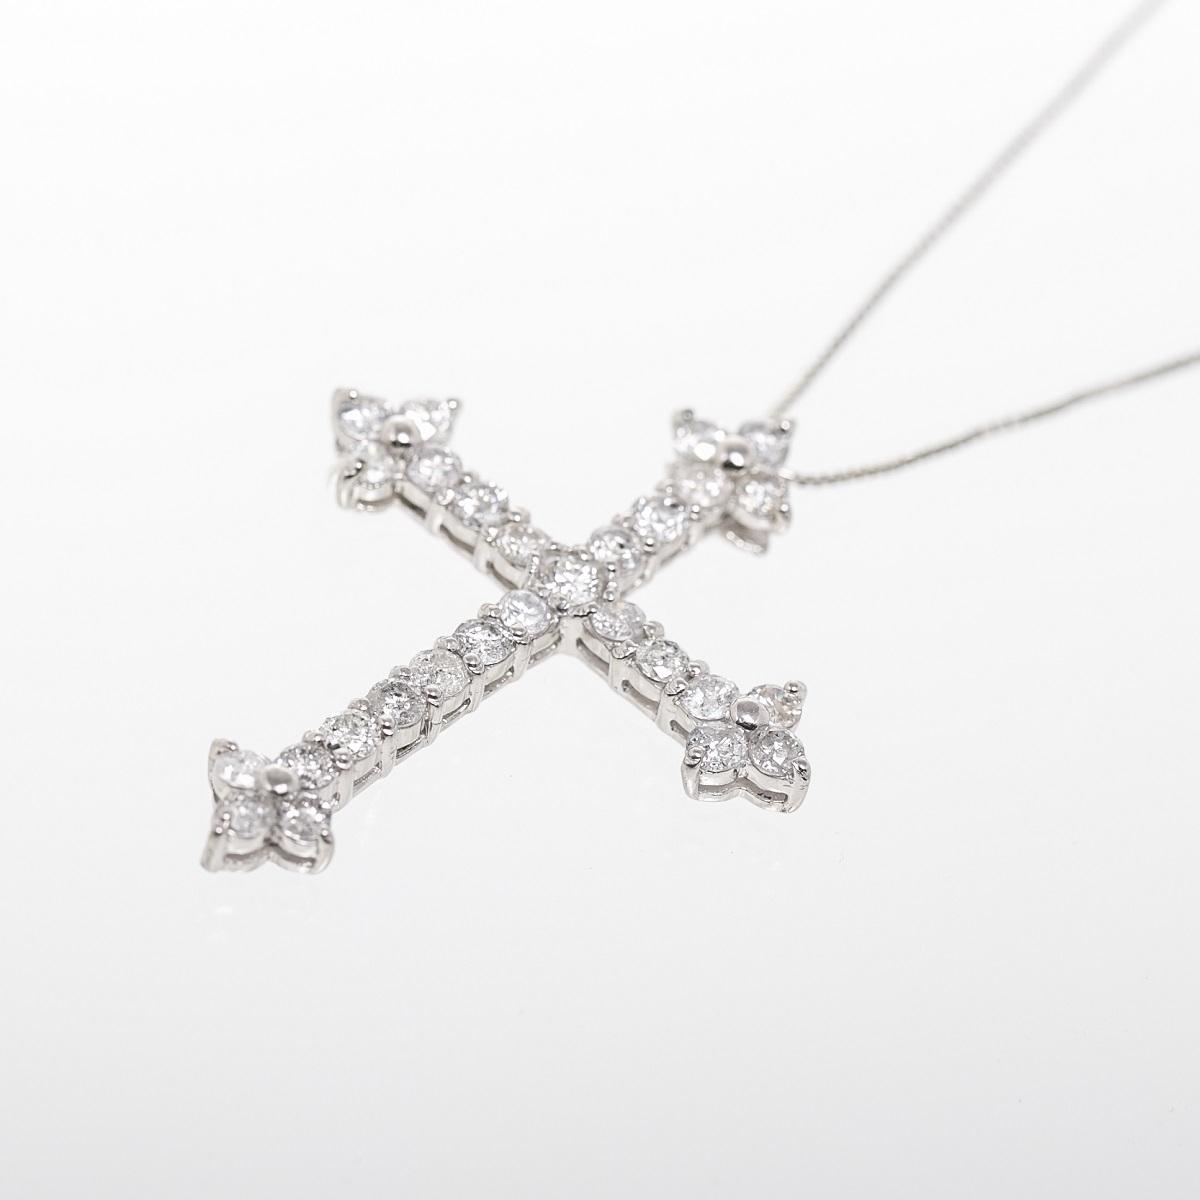 ダイヤモンド ネックレス クロス ペンダント D2 0ct Pt900 プラチナトレジャースポット08kNwPnXO